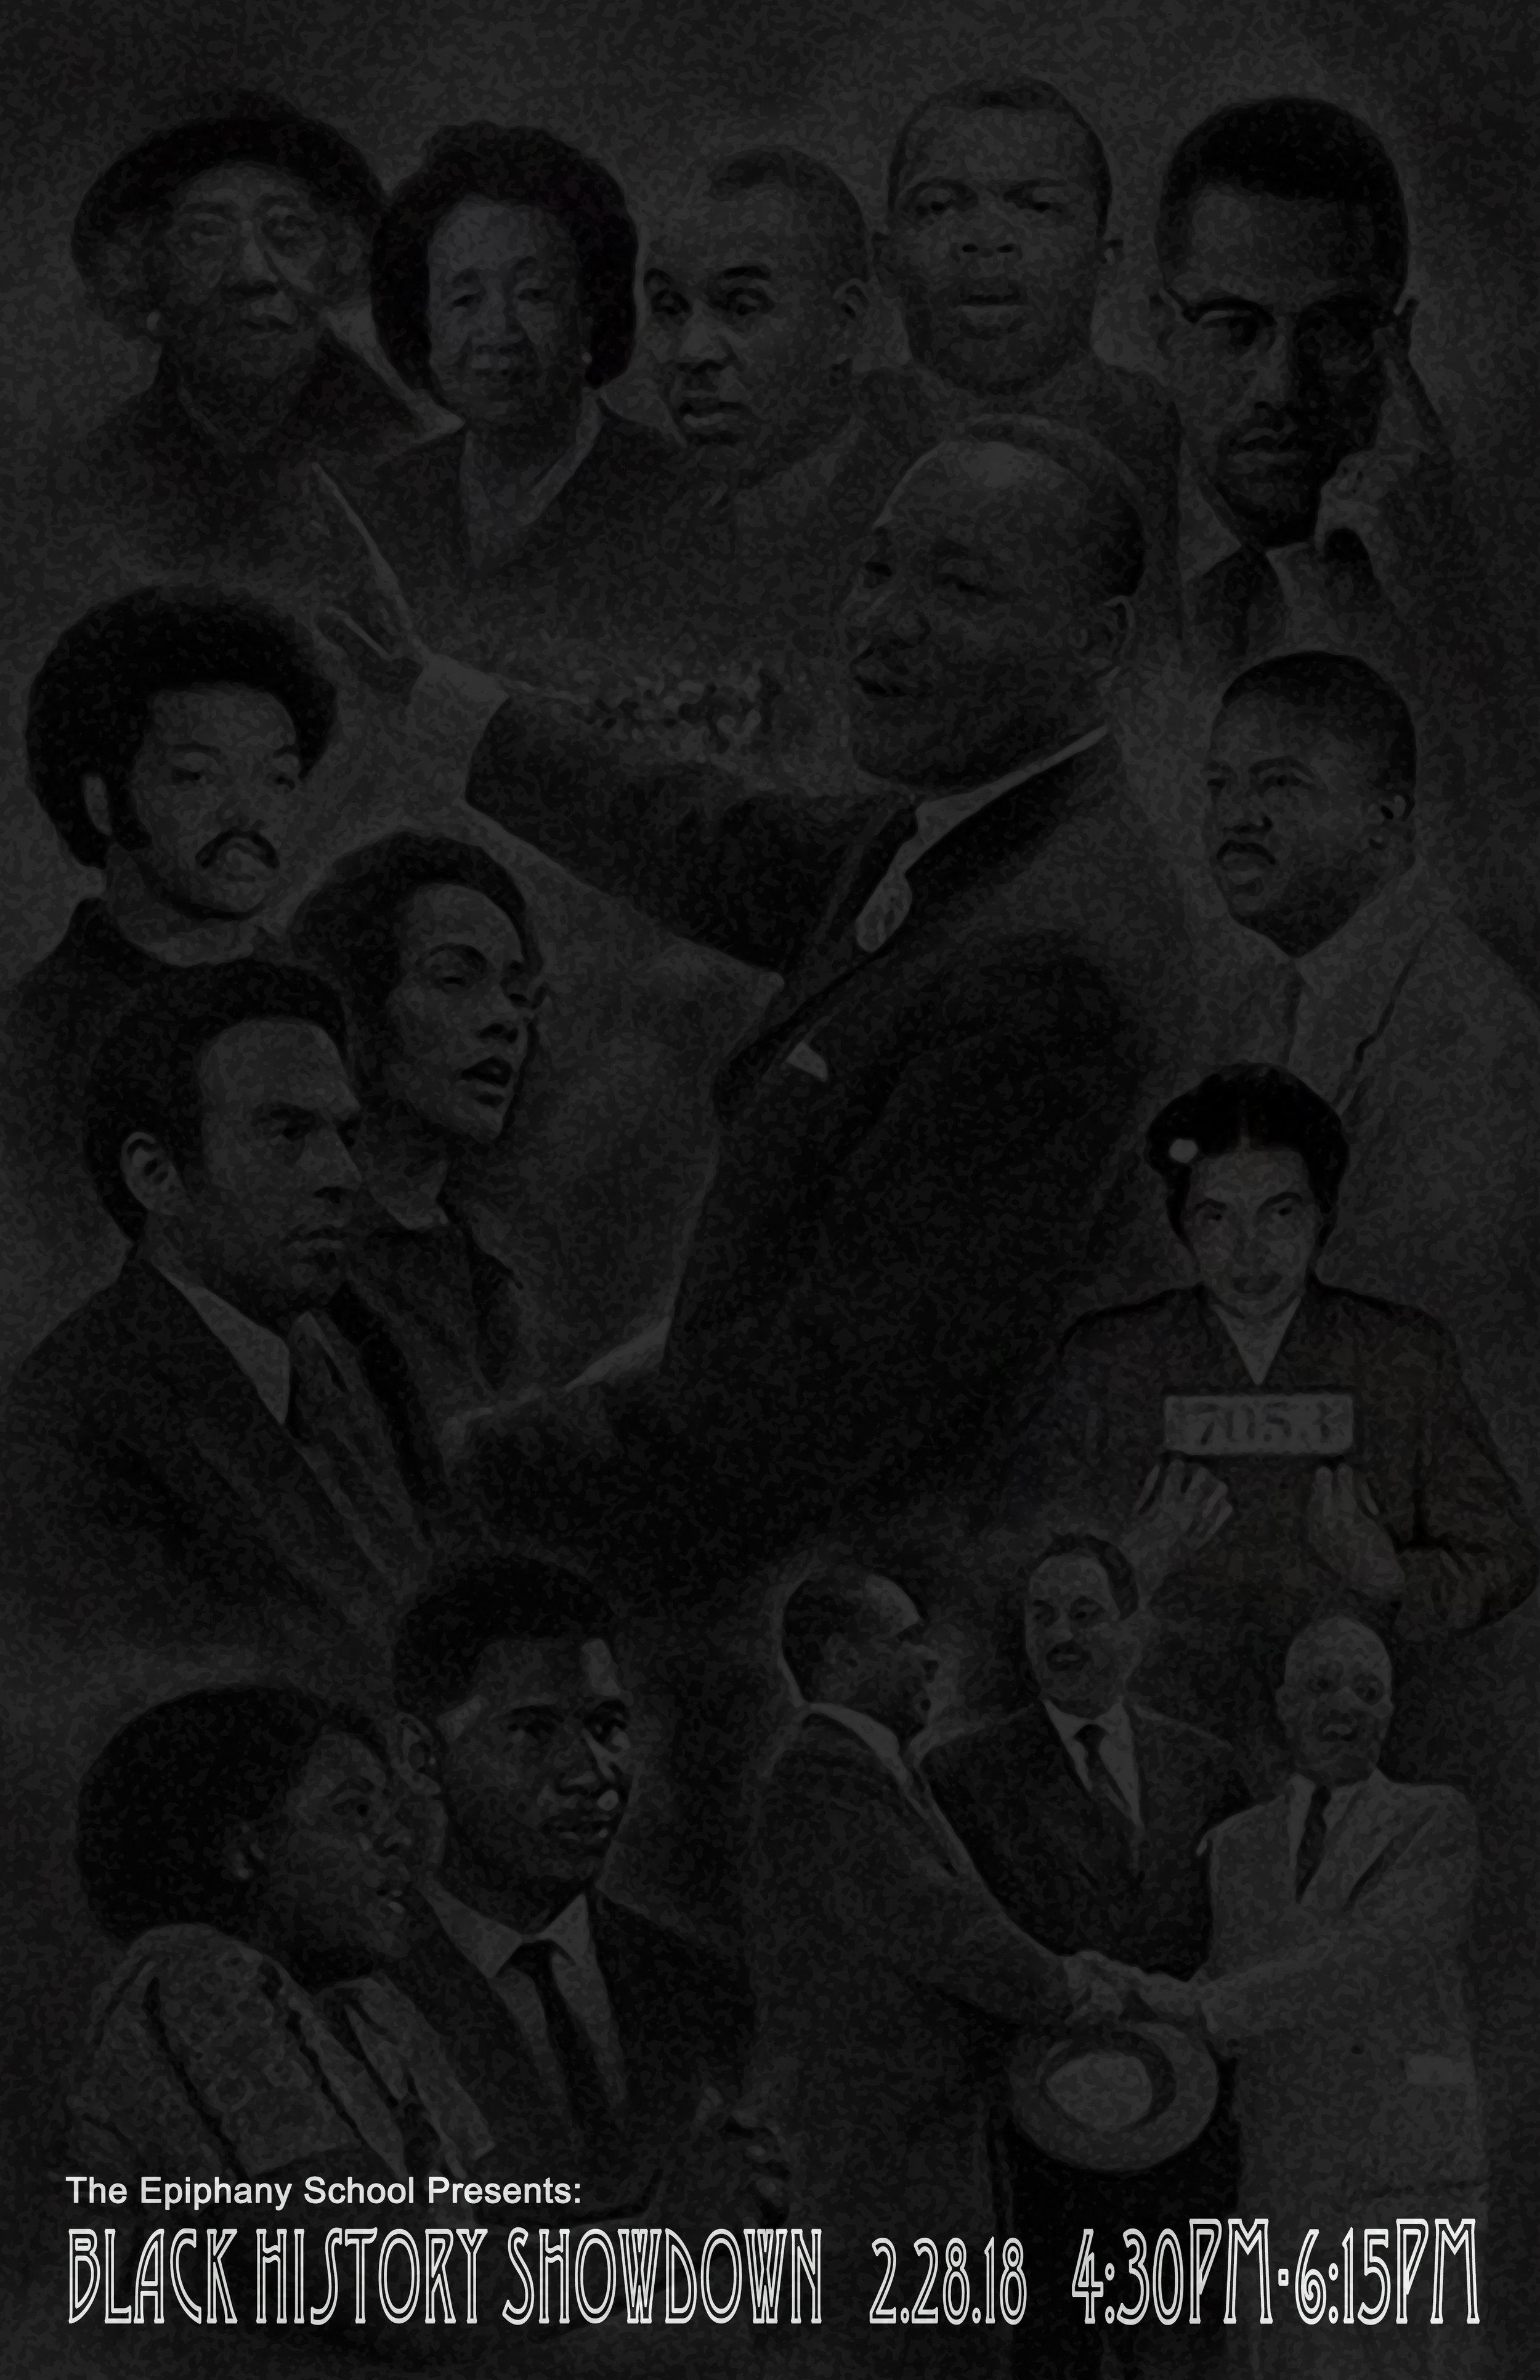 Black History Showdown 2.28.2018.jpg